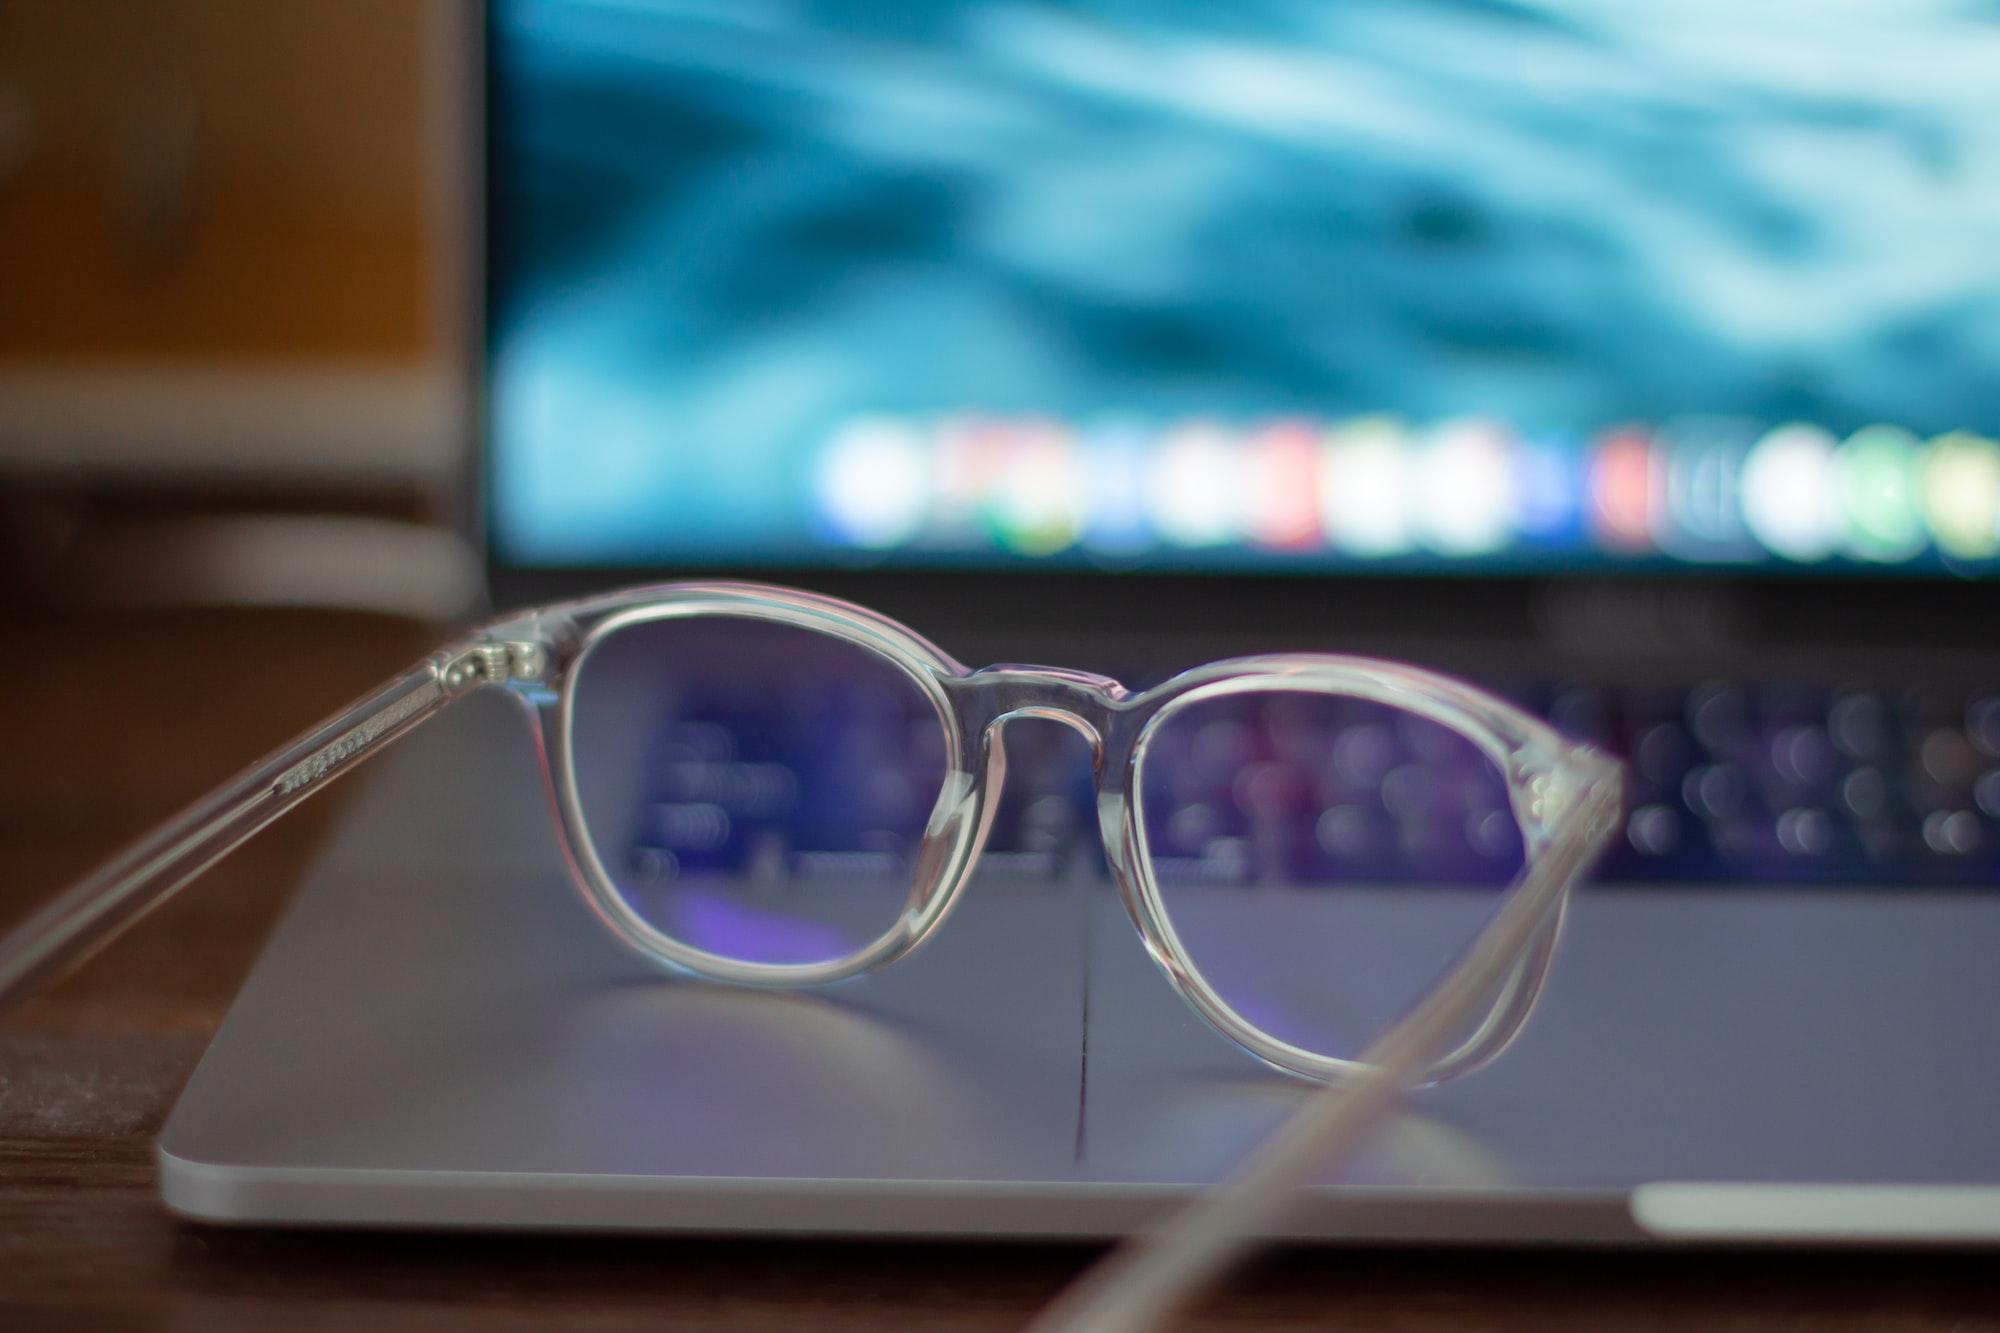 lunettes transparentes devant un ordinateur portable - blog.troov.com